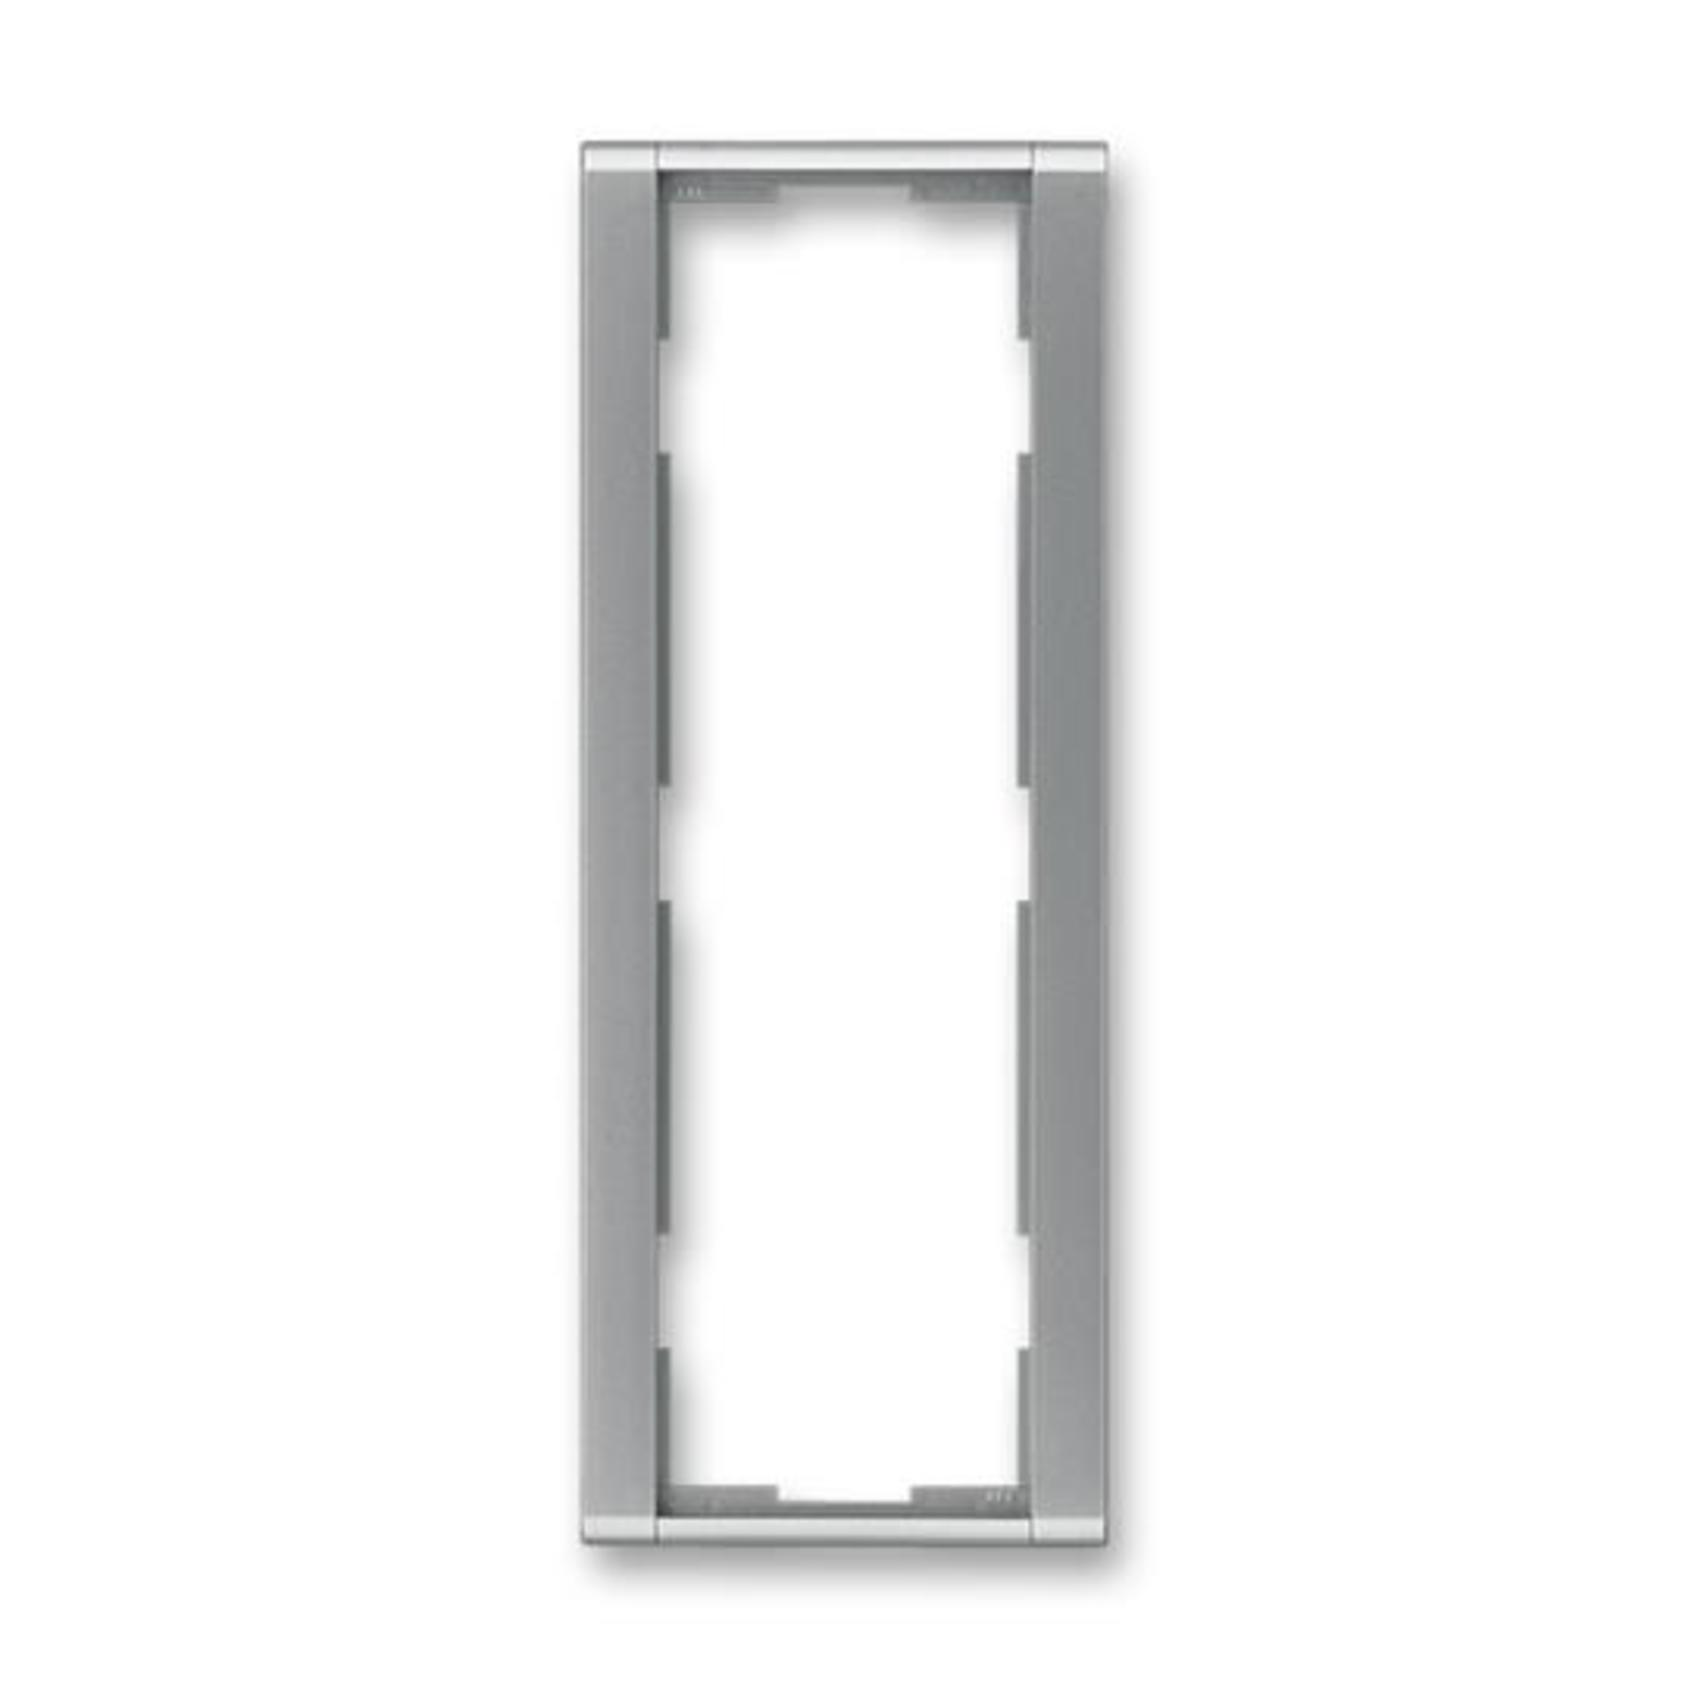 ABB 3901F-A00131 36 Time Rámeček trojnásobný, svislý